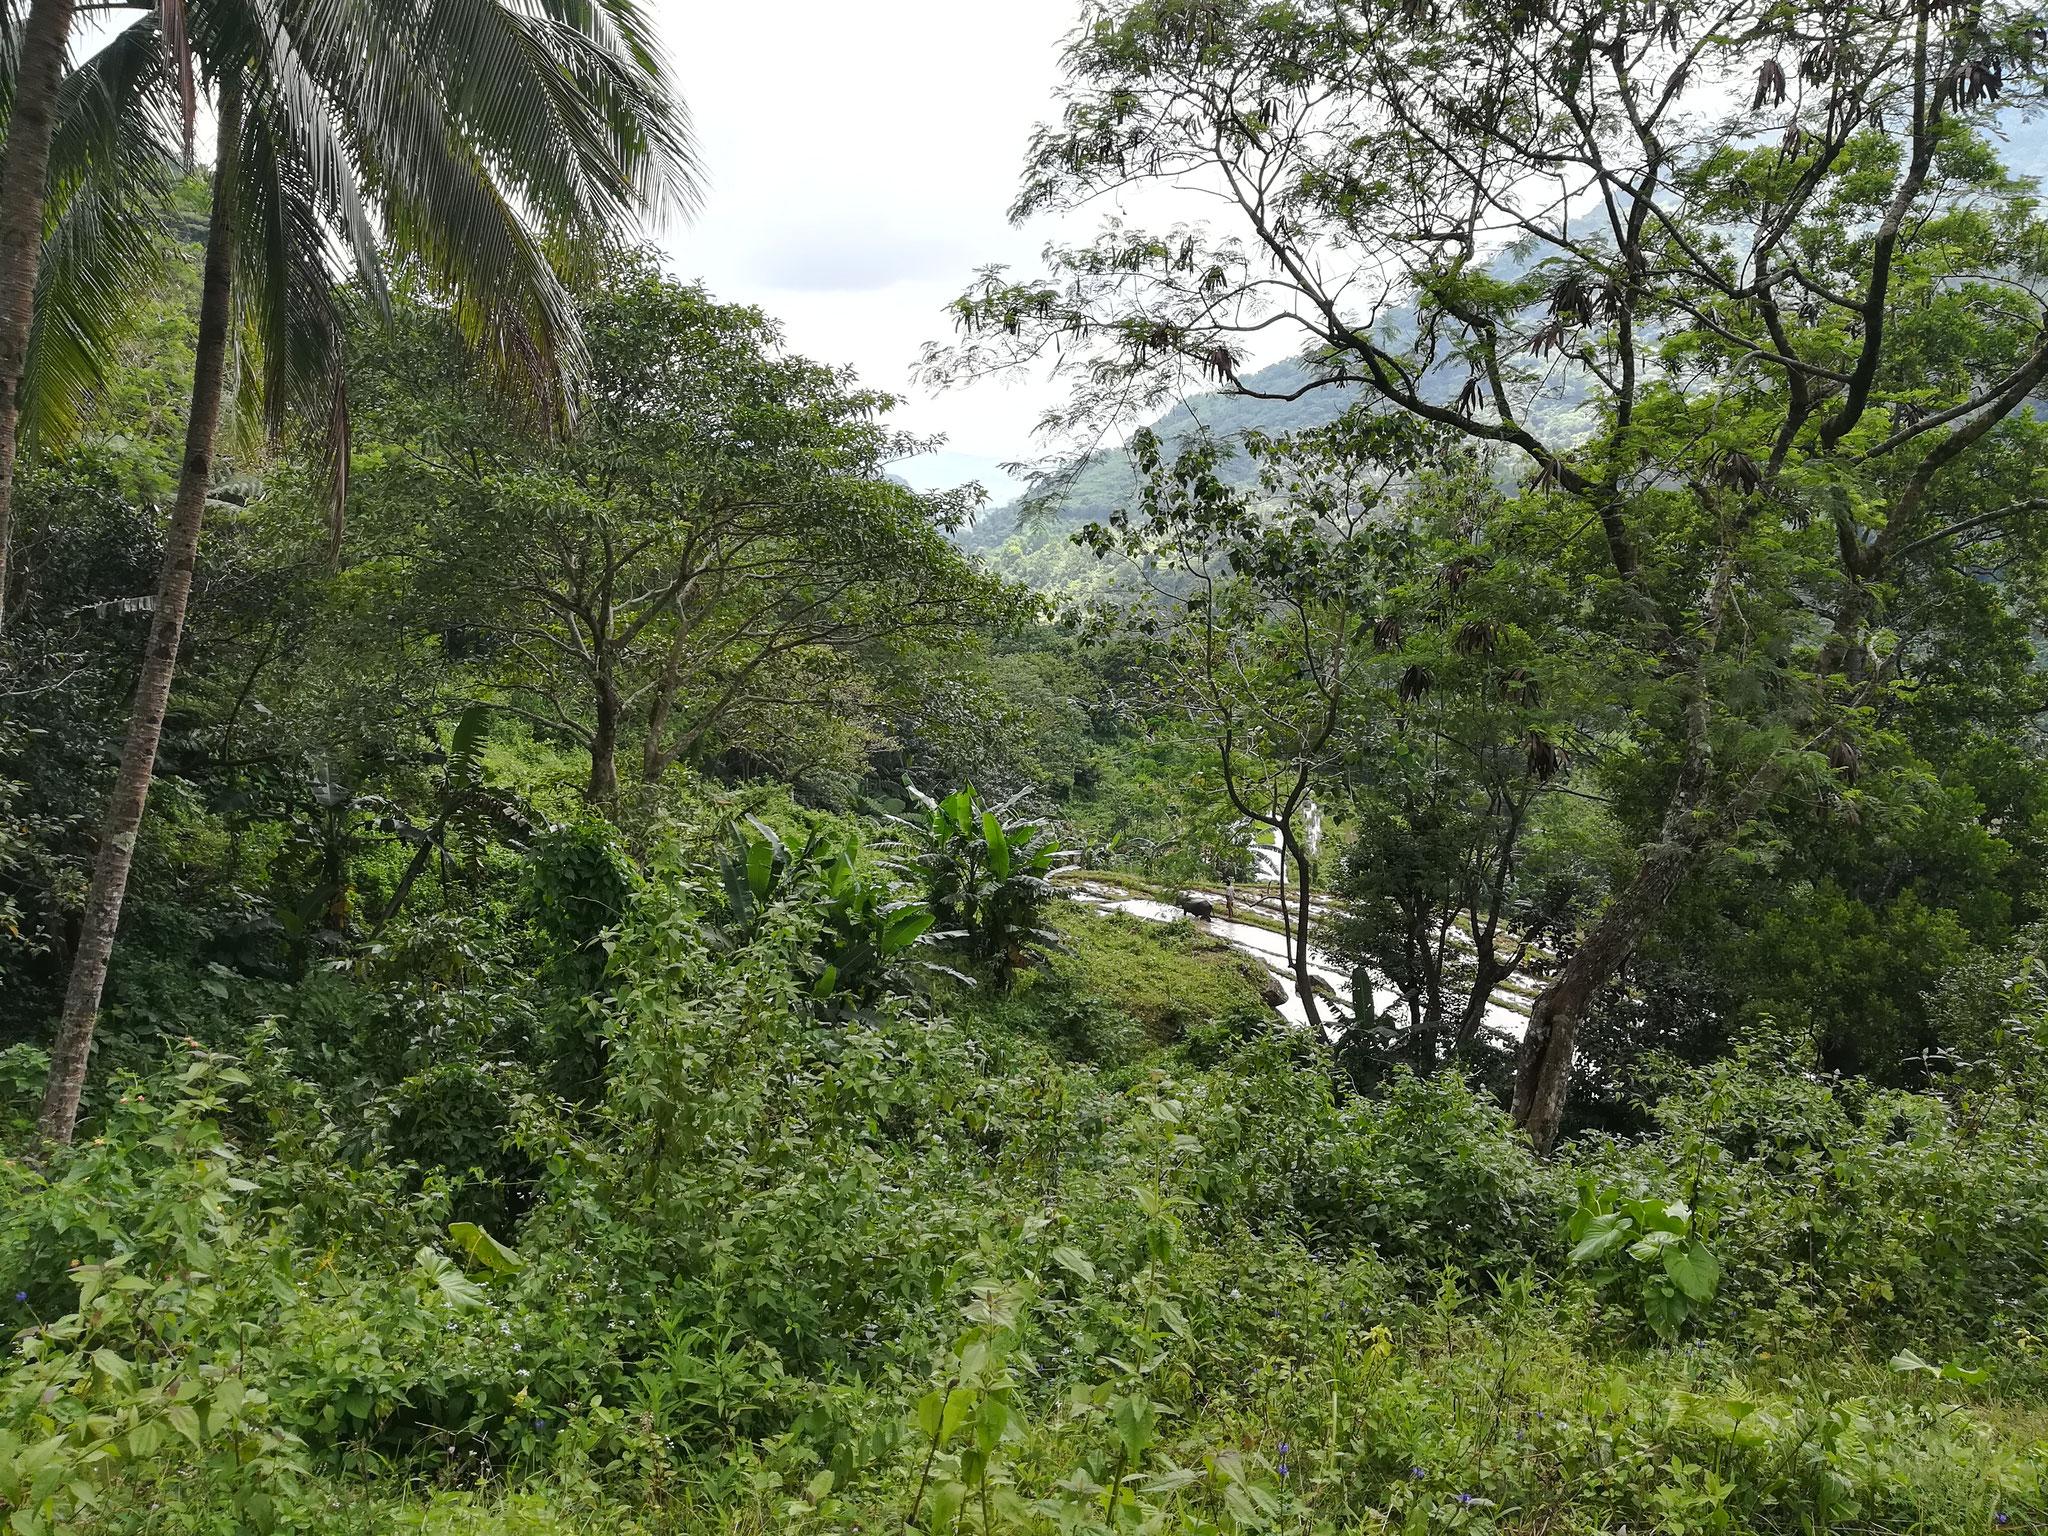 Auf dem Weg zum Wasserfall auf Negros